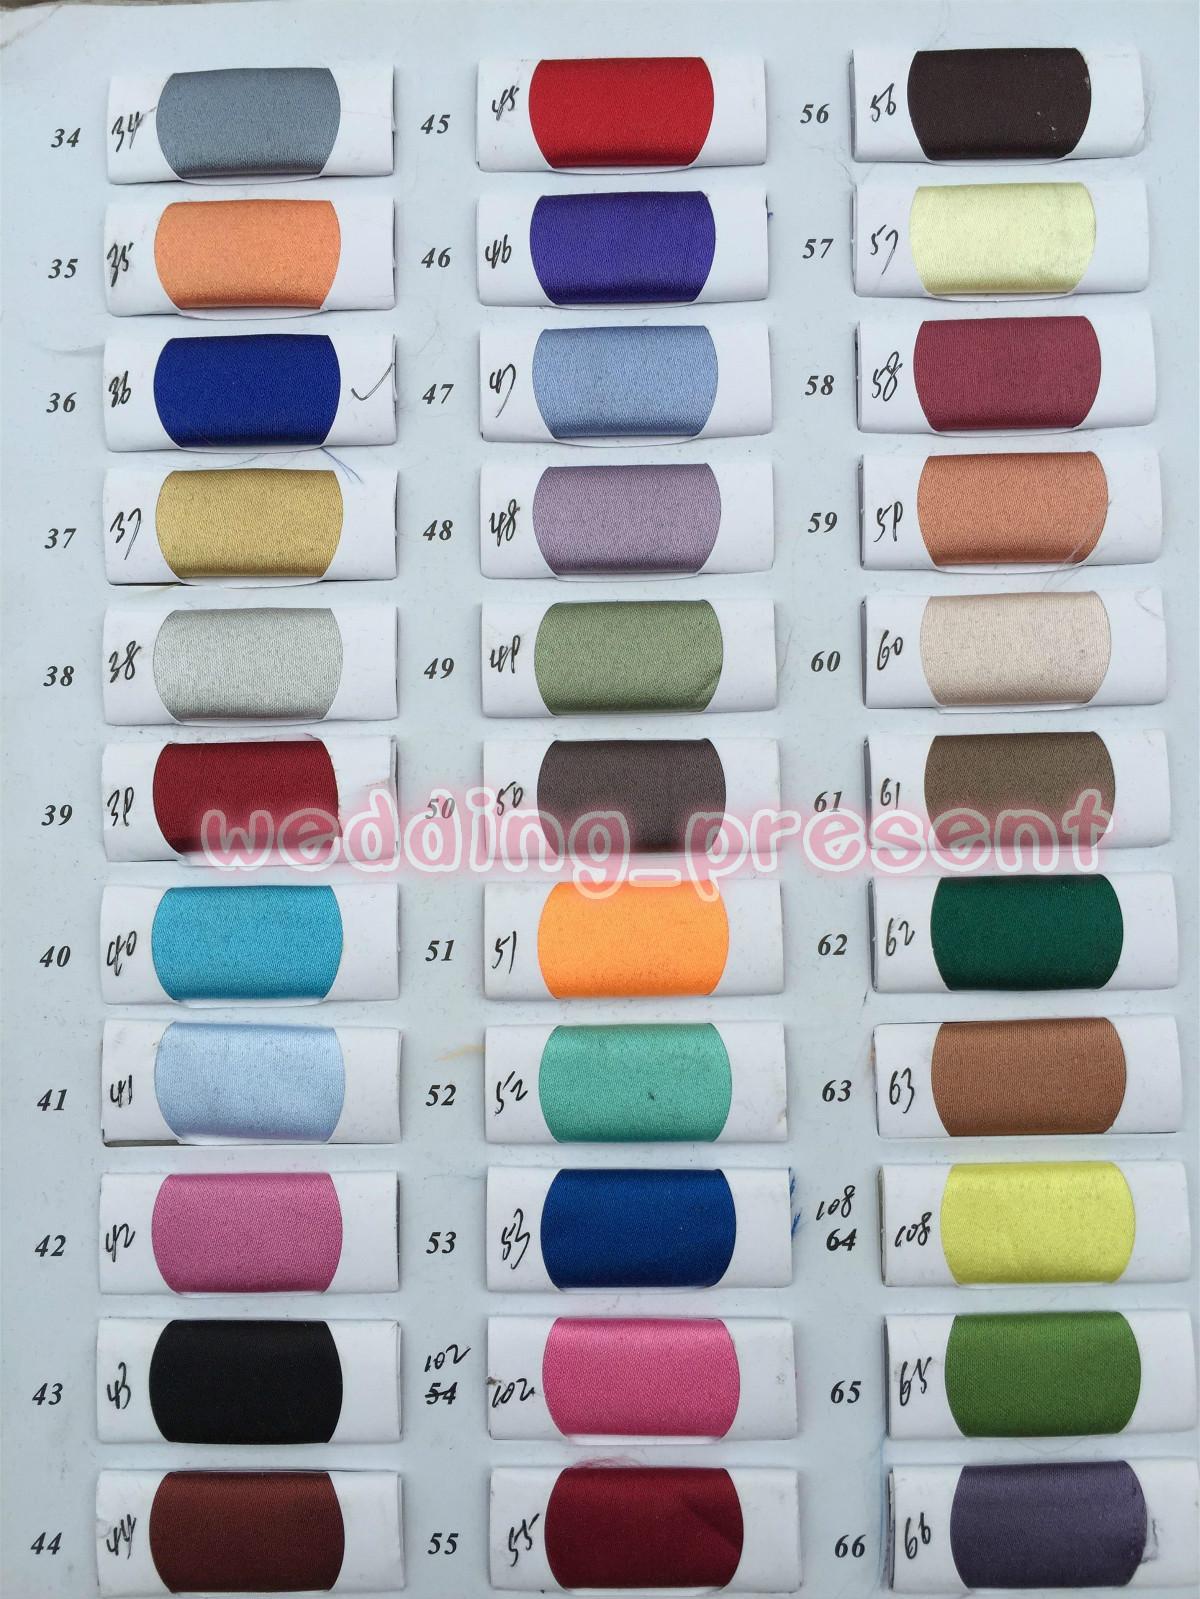 Yeni Kamuflaj Smokin Benzersiz Bir Düğme Camo Mens Düğün Takımları Çentikli Yaka Damat Giyim Balo Suits Erkekler Için Ceket + Pantolon + Yelek + Kravat